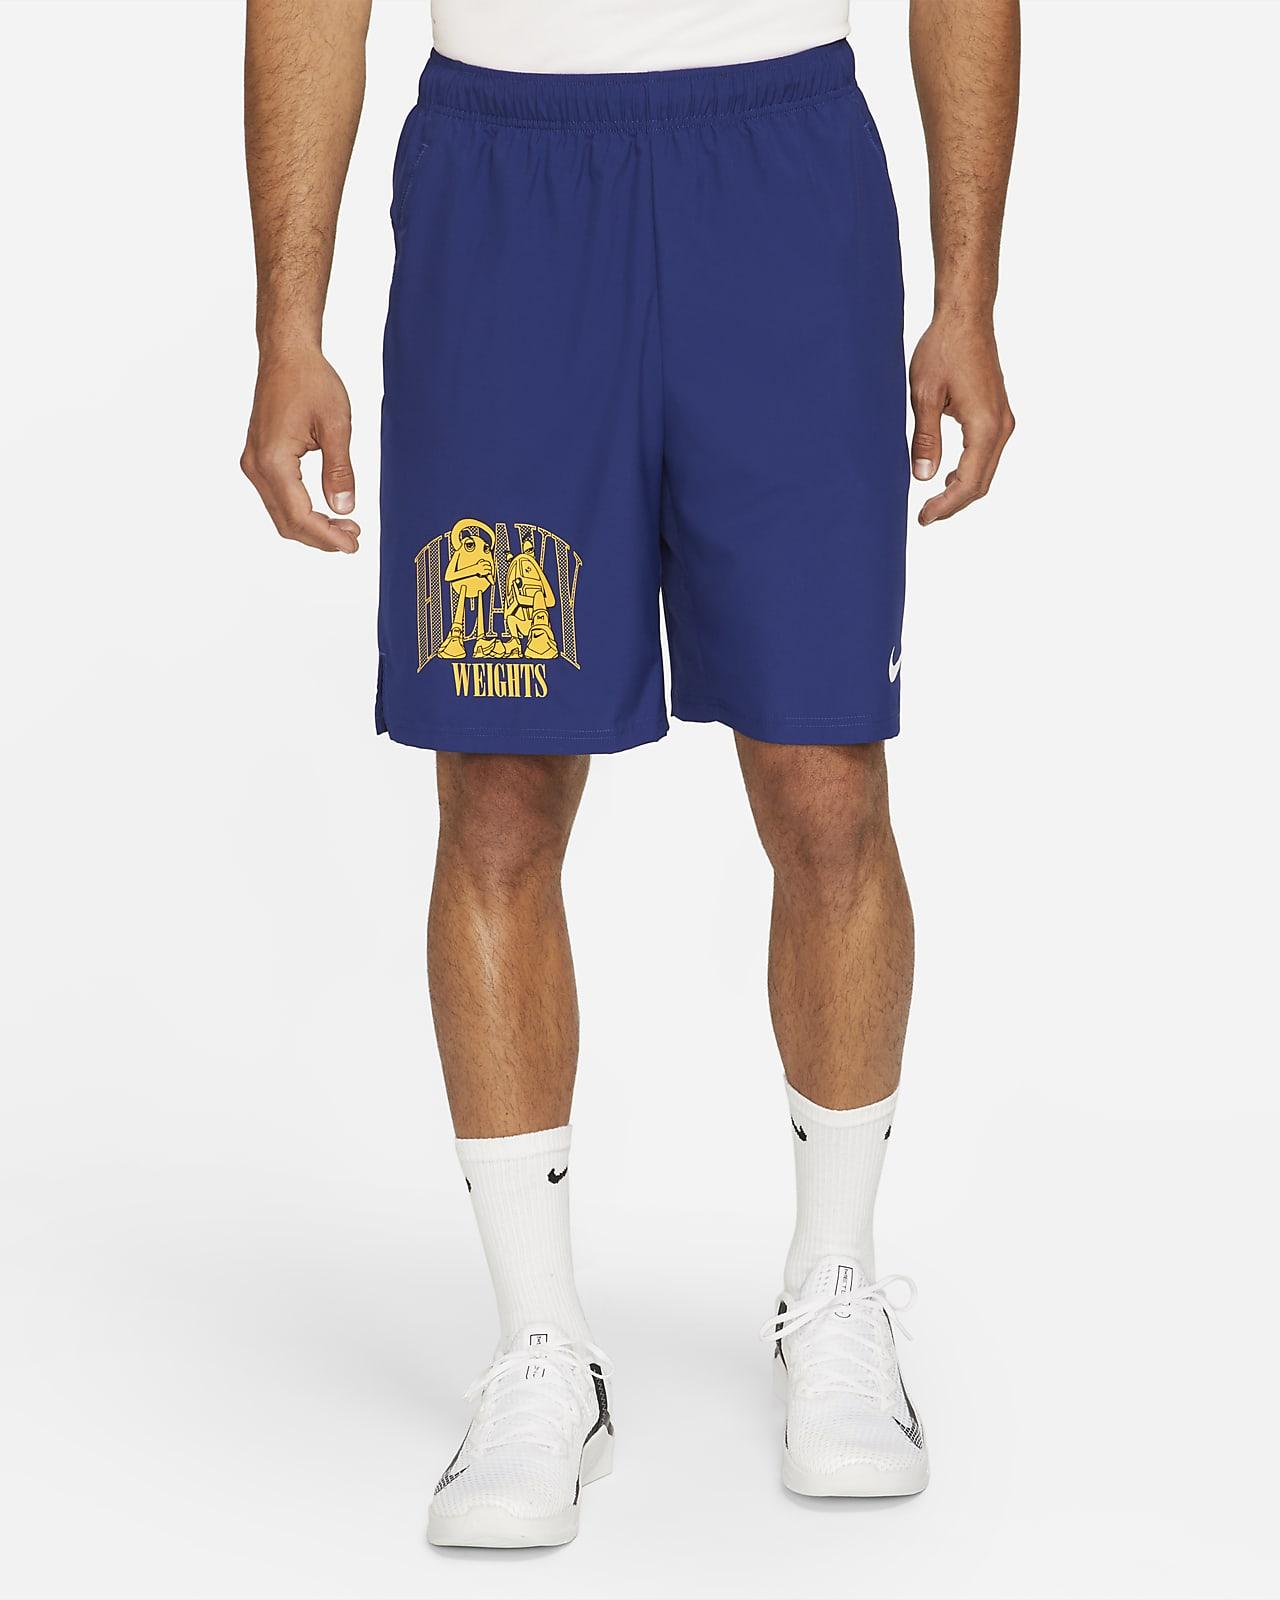 Shorts da training in tessuto con grafica Nike Dri-FIT - Uomo